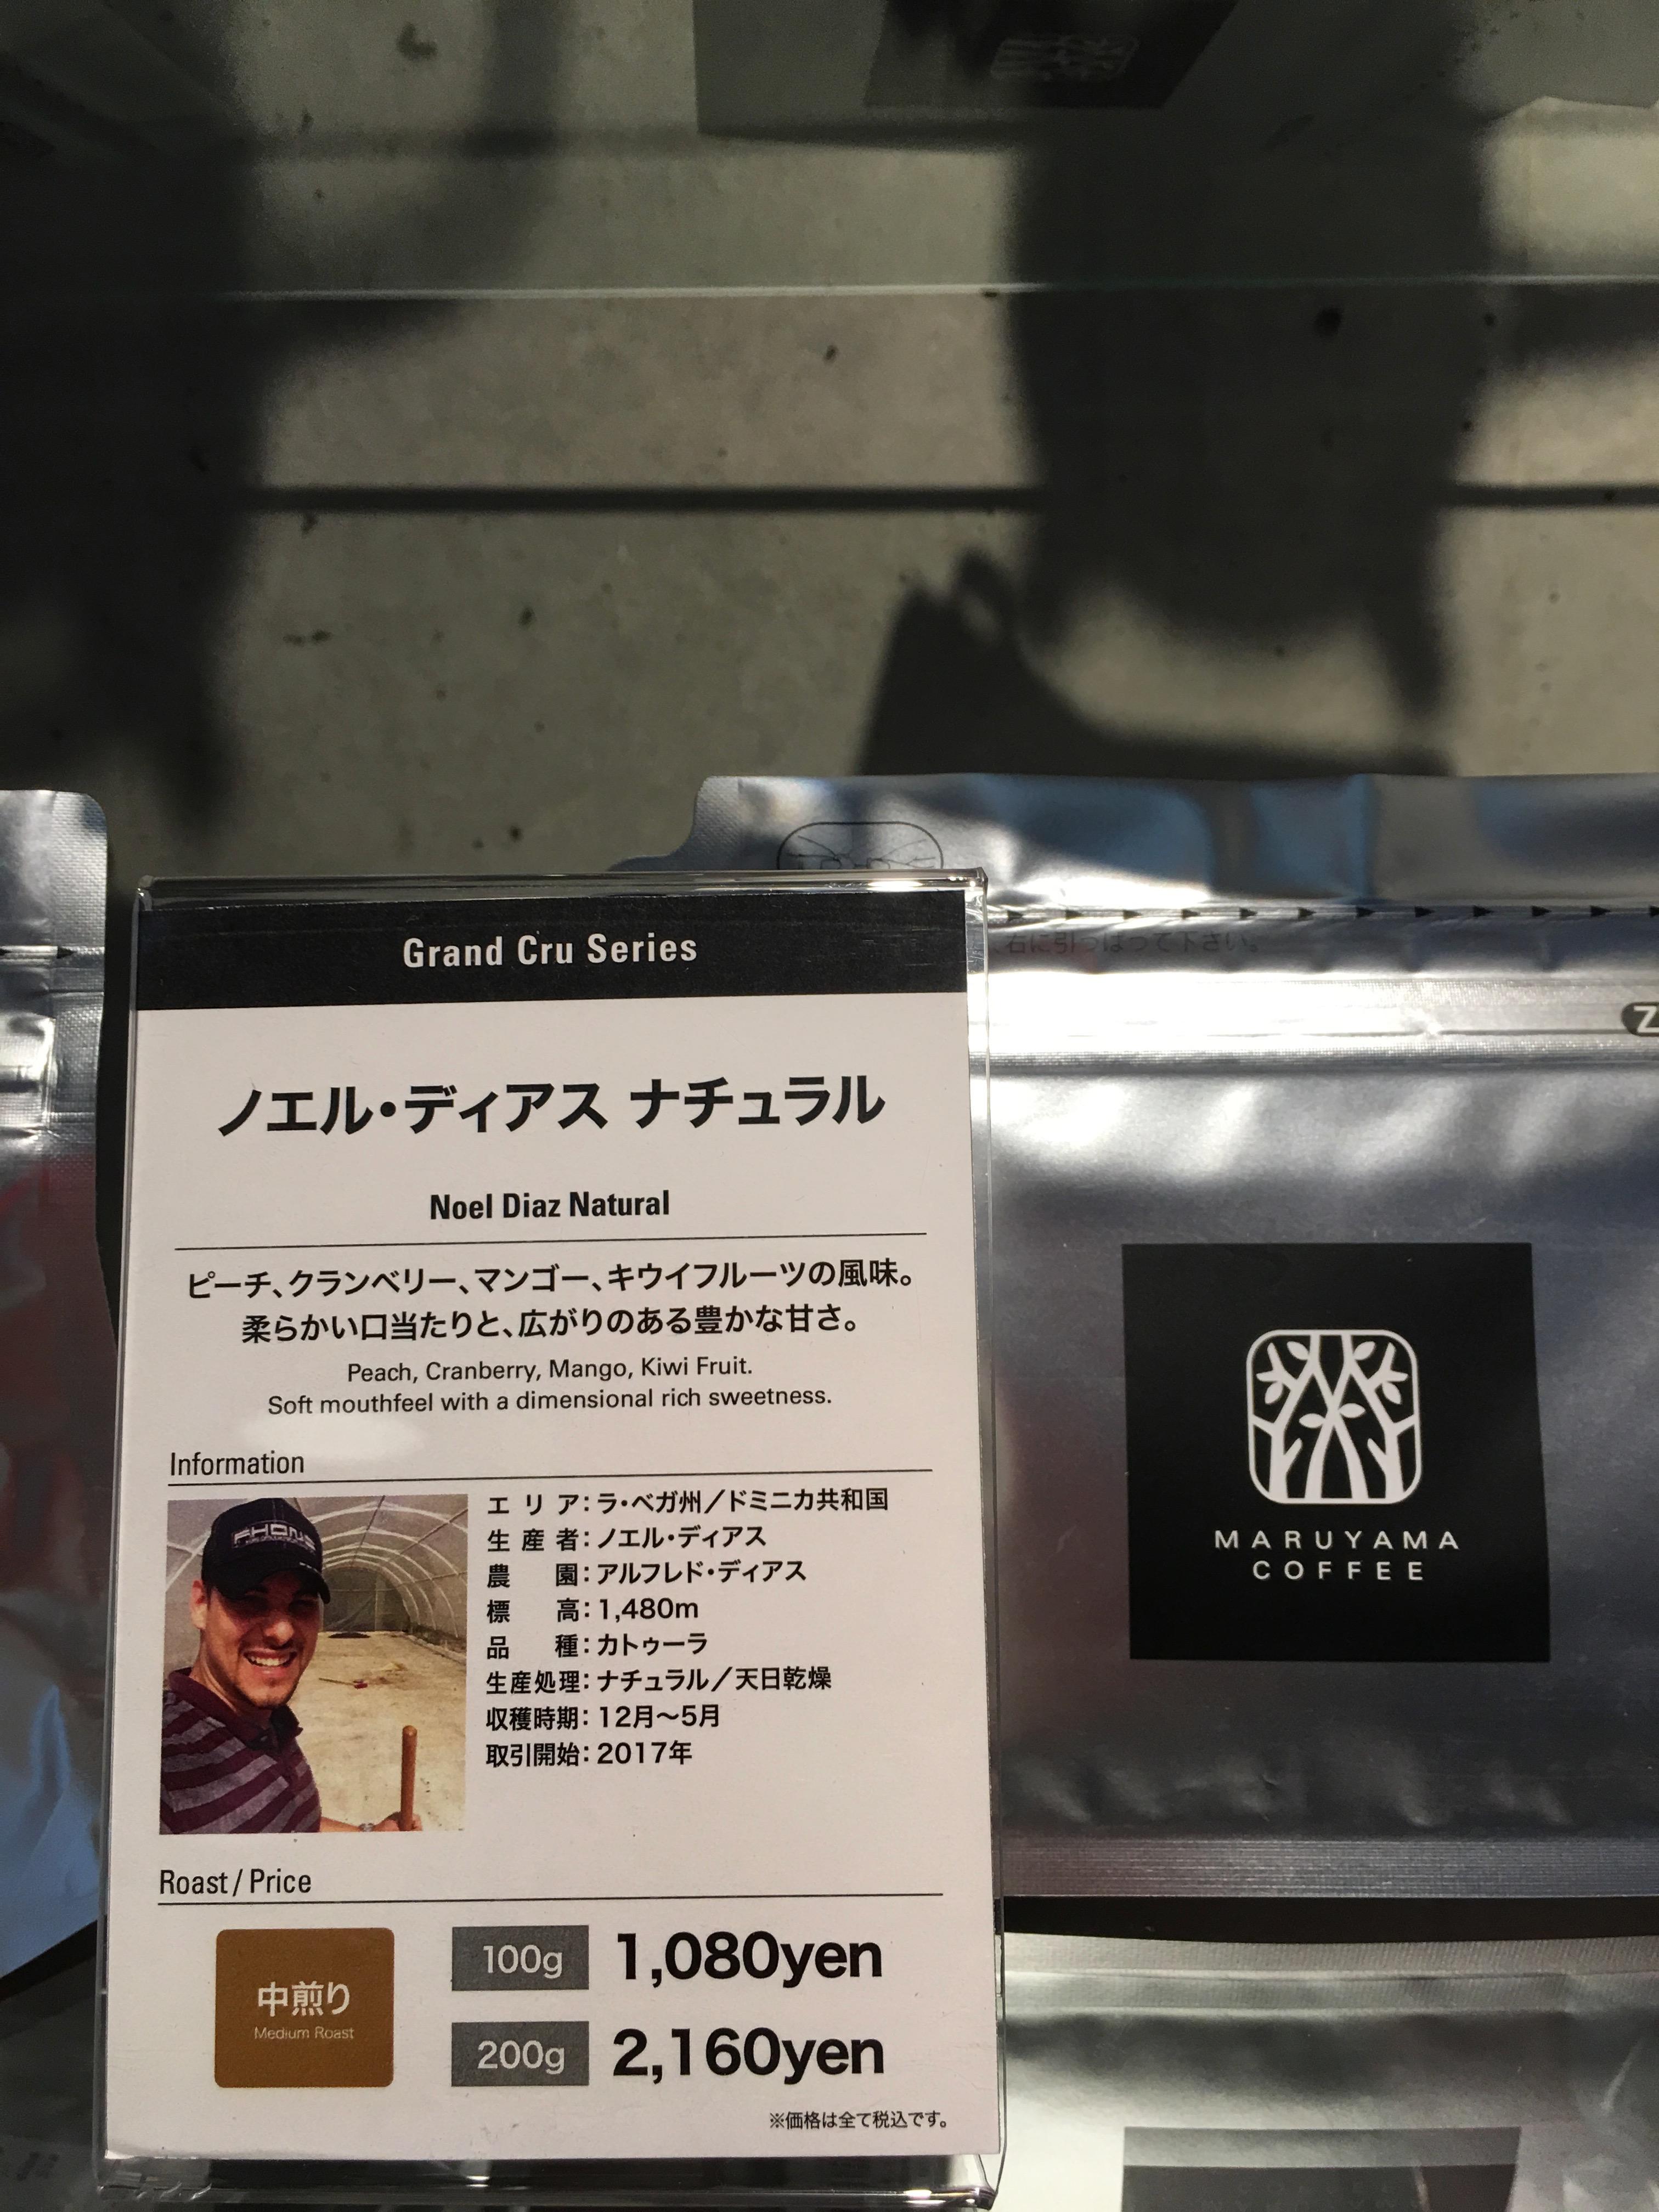 丸山珈琲訪問 (Visita a Café Maruyama)